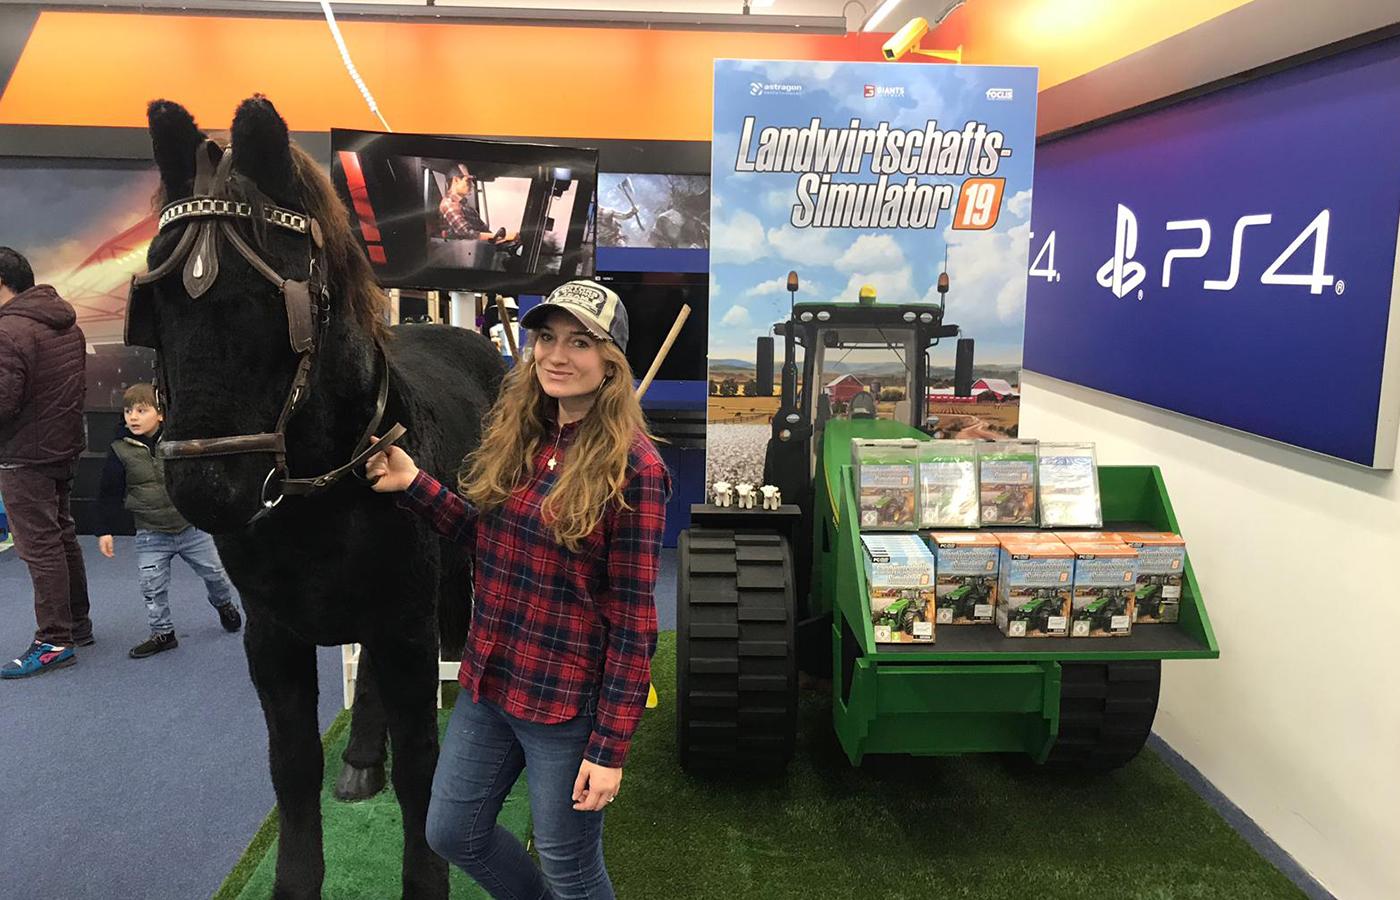 Astragon – Landwirtschaftssimulator POS